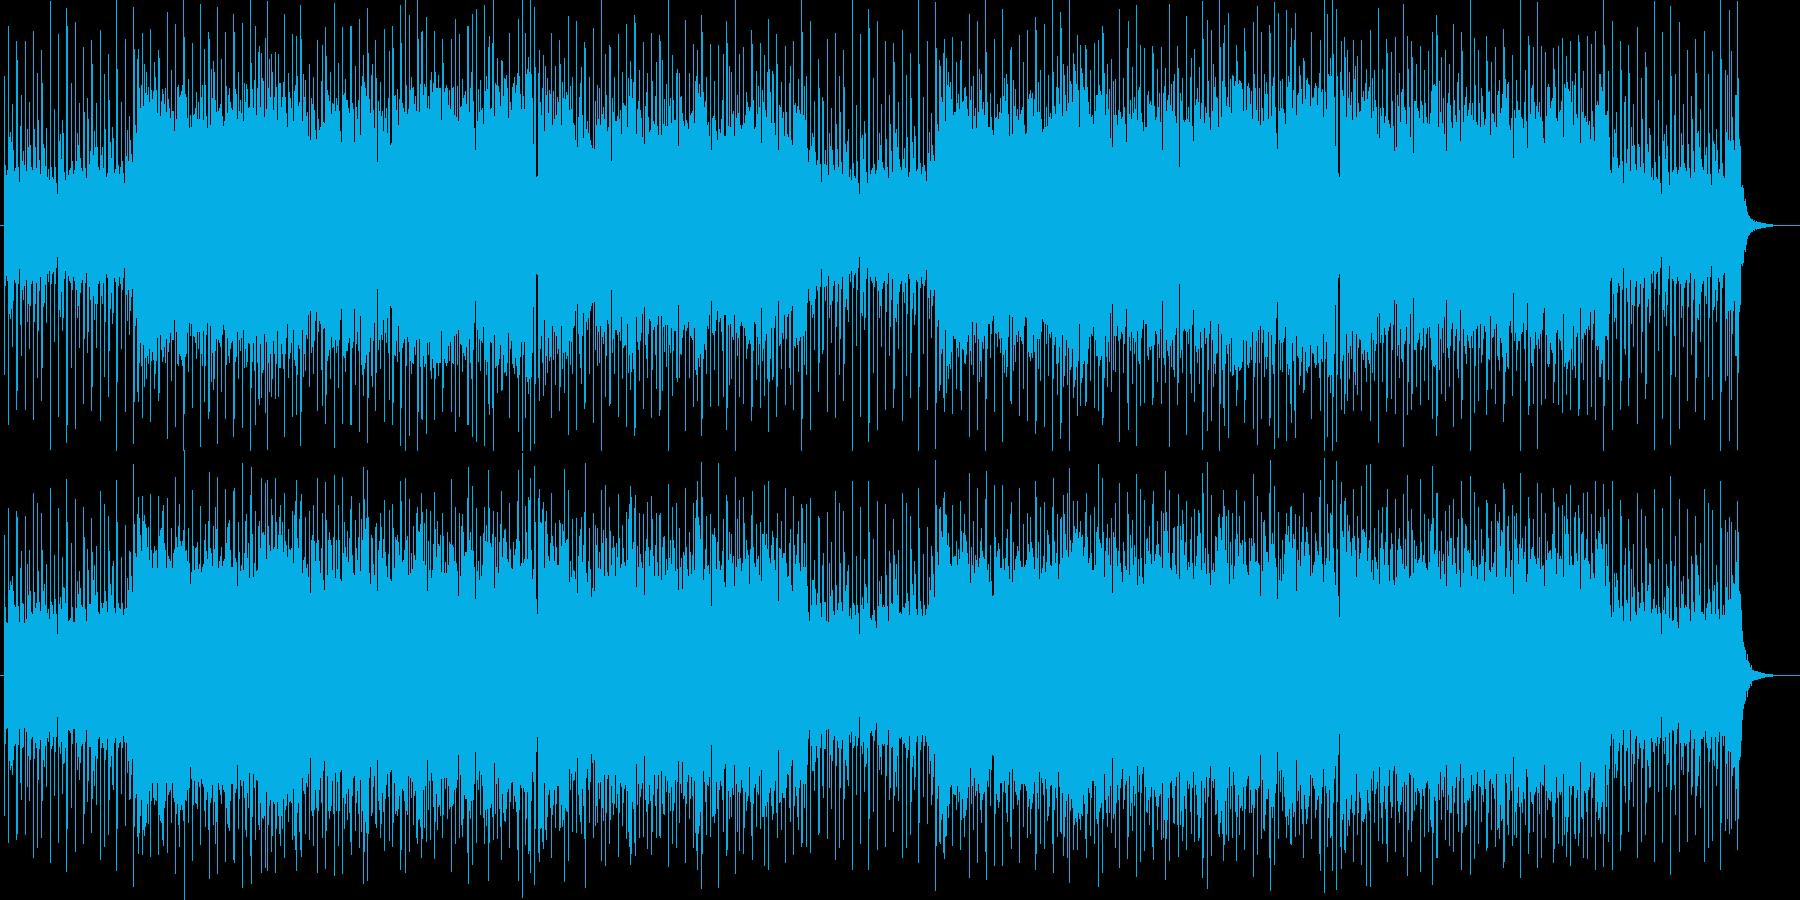 メロ無し)良質な爽やかポップ 夏海B30の再生済みの波形